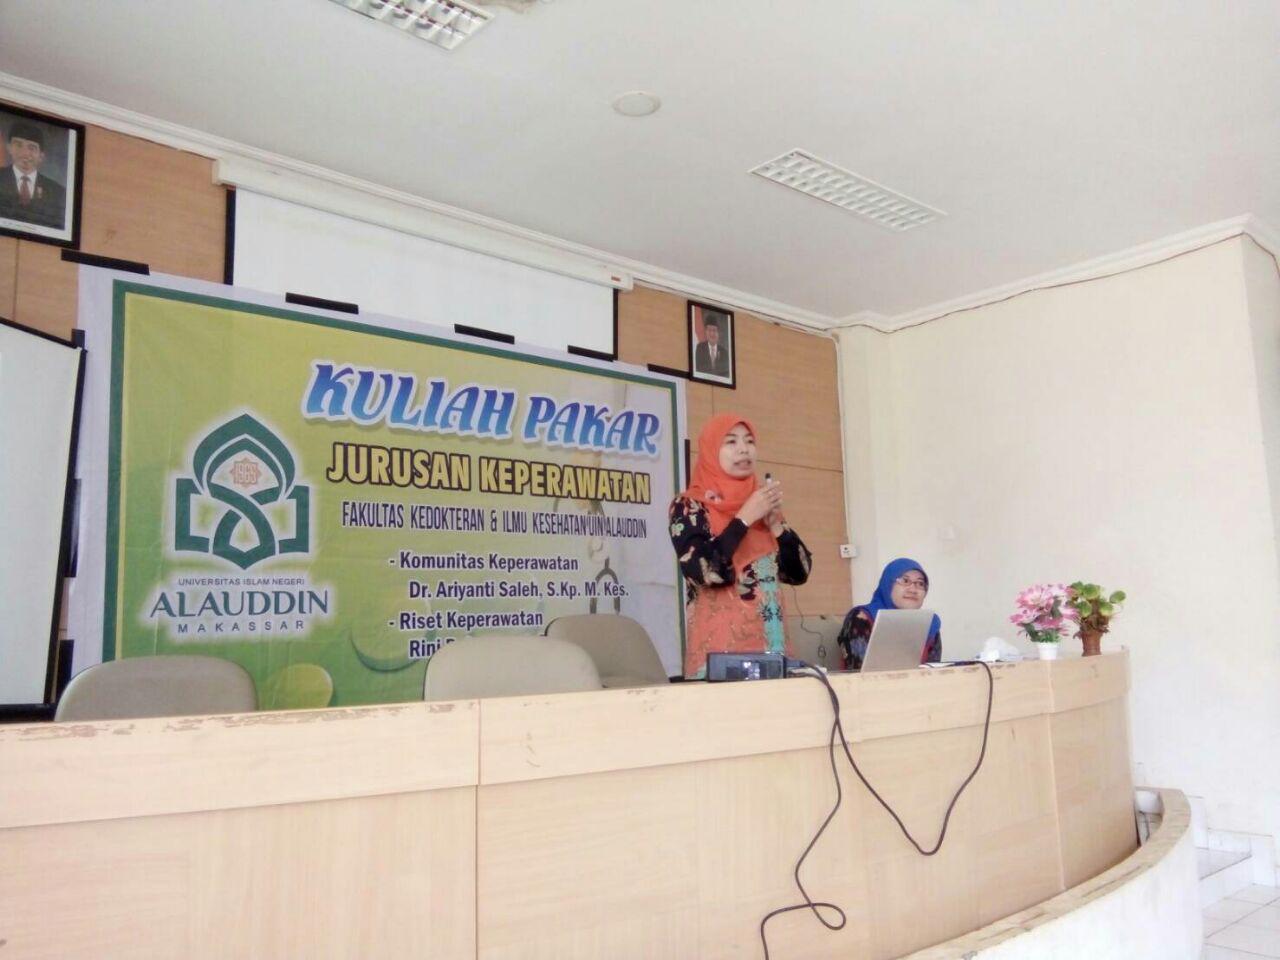 Kuliah Pakar Jurusan Keperawatan UIN Alauddin Makassar